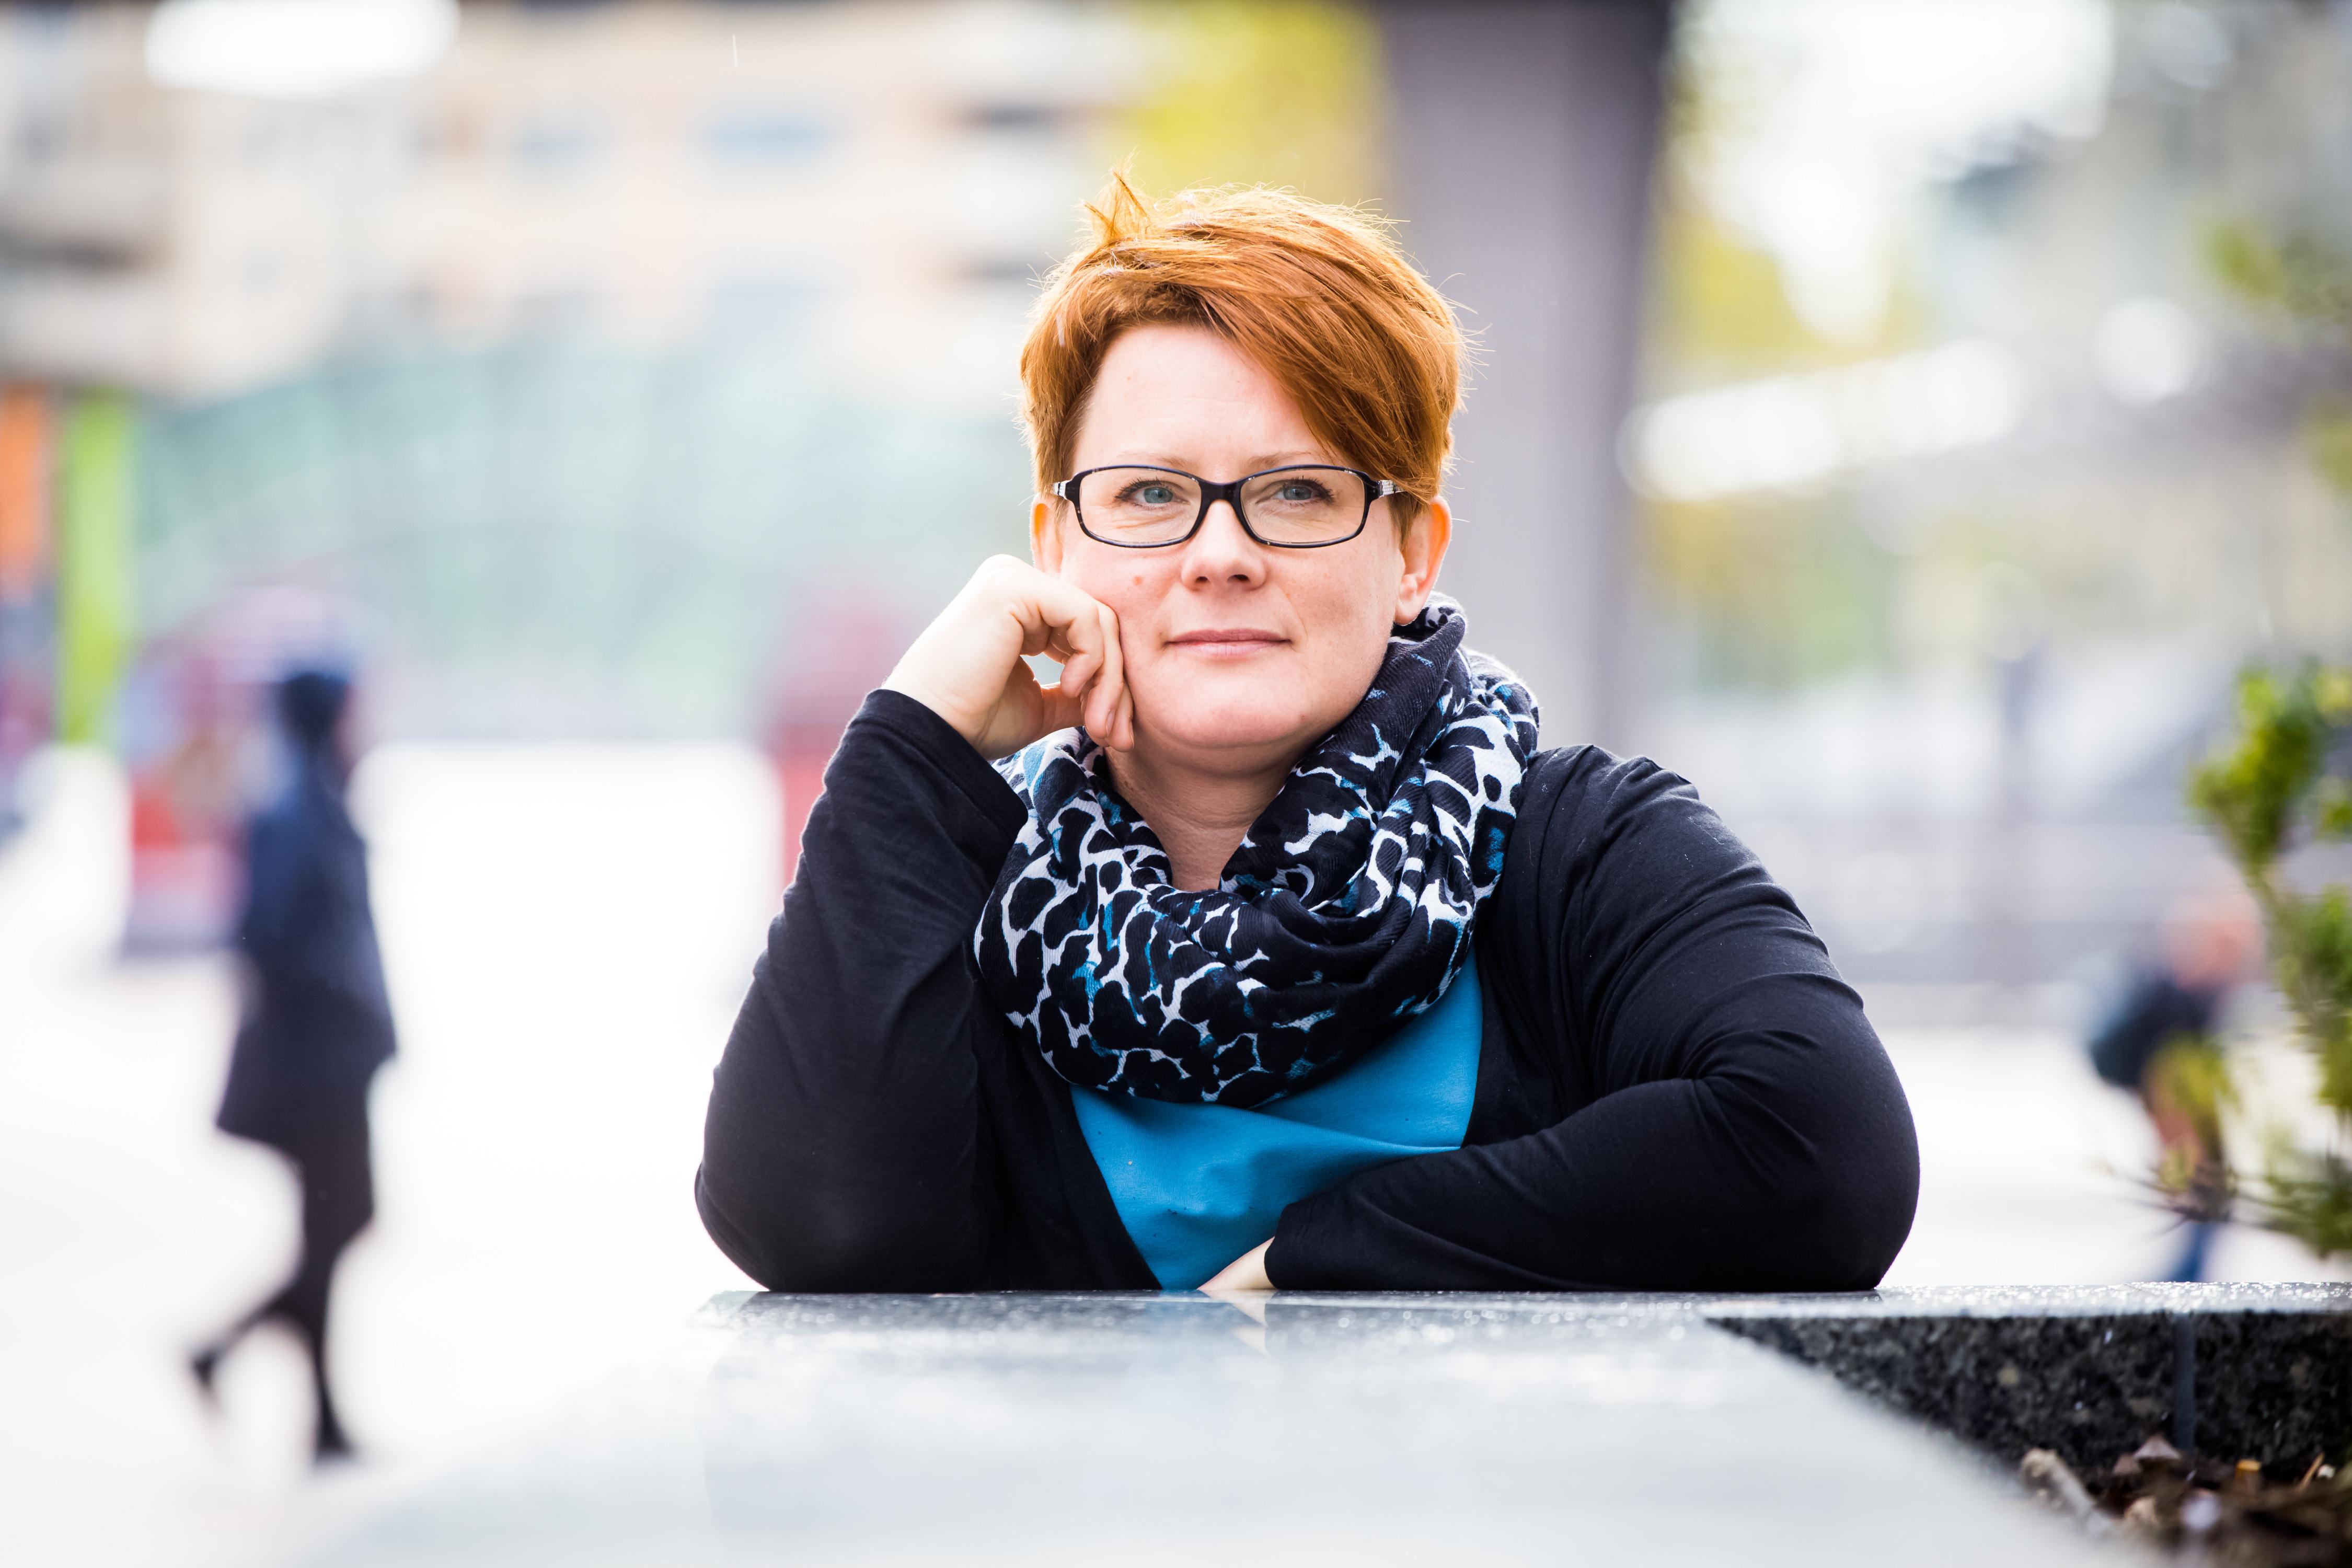 Patient in glasses leans against ledge